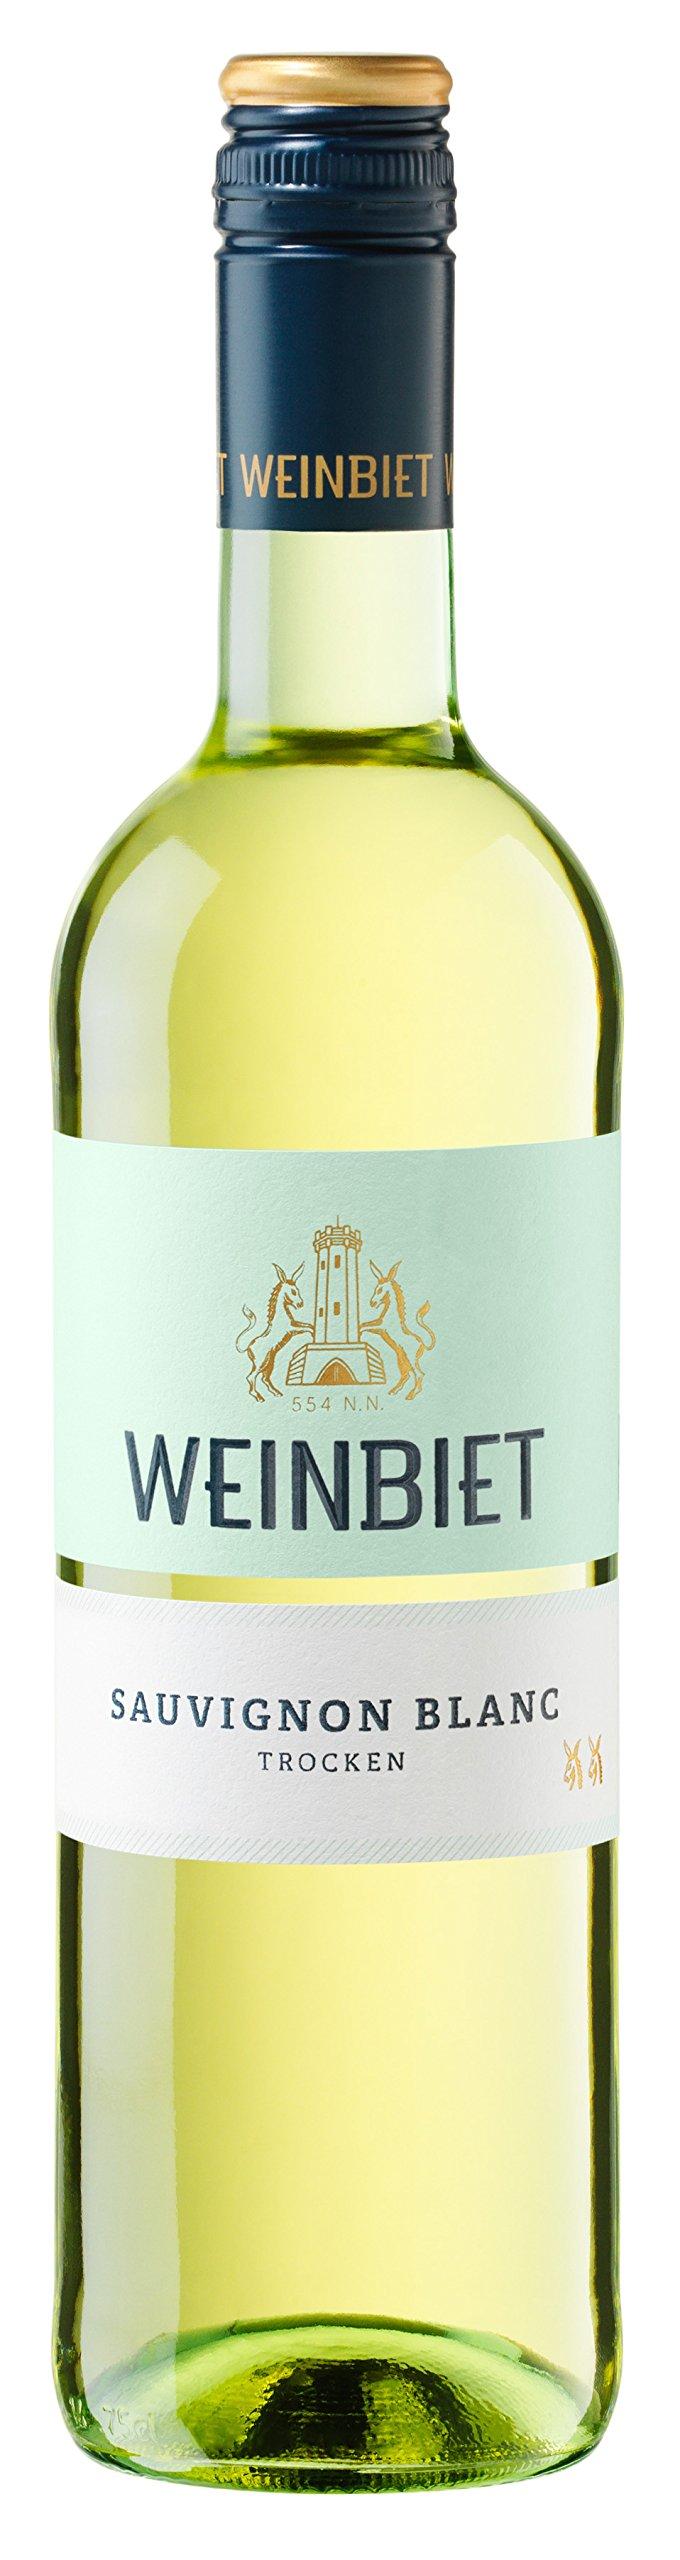 Weinbiet-Manufaktur-eG-Sauvignon-Blanc-2017-trocken-Weiwein-6-x-075-l